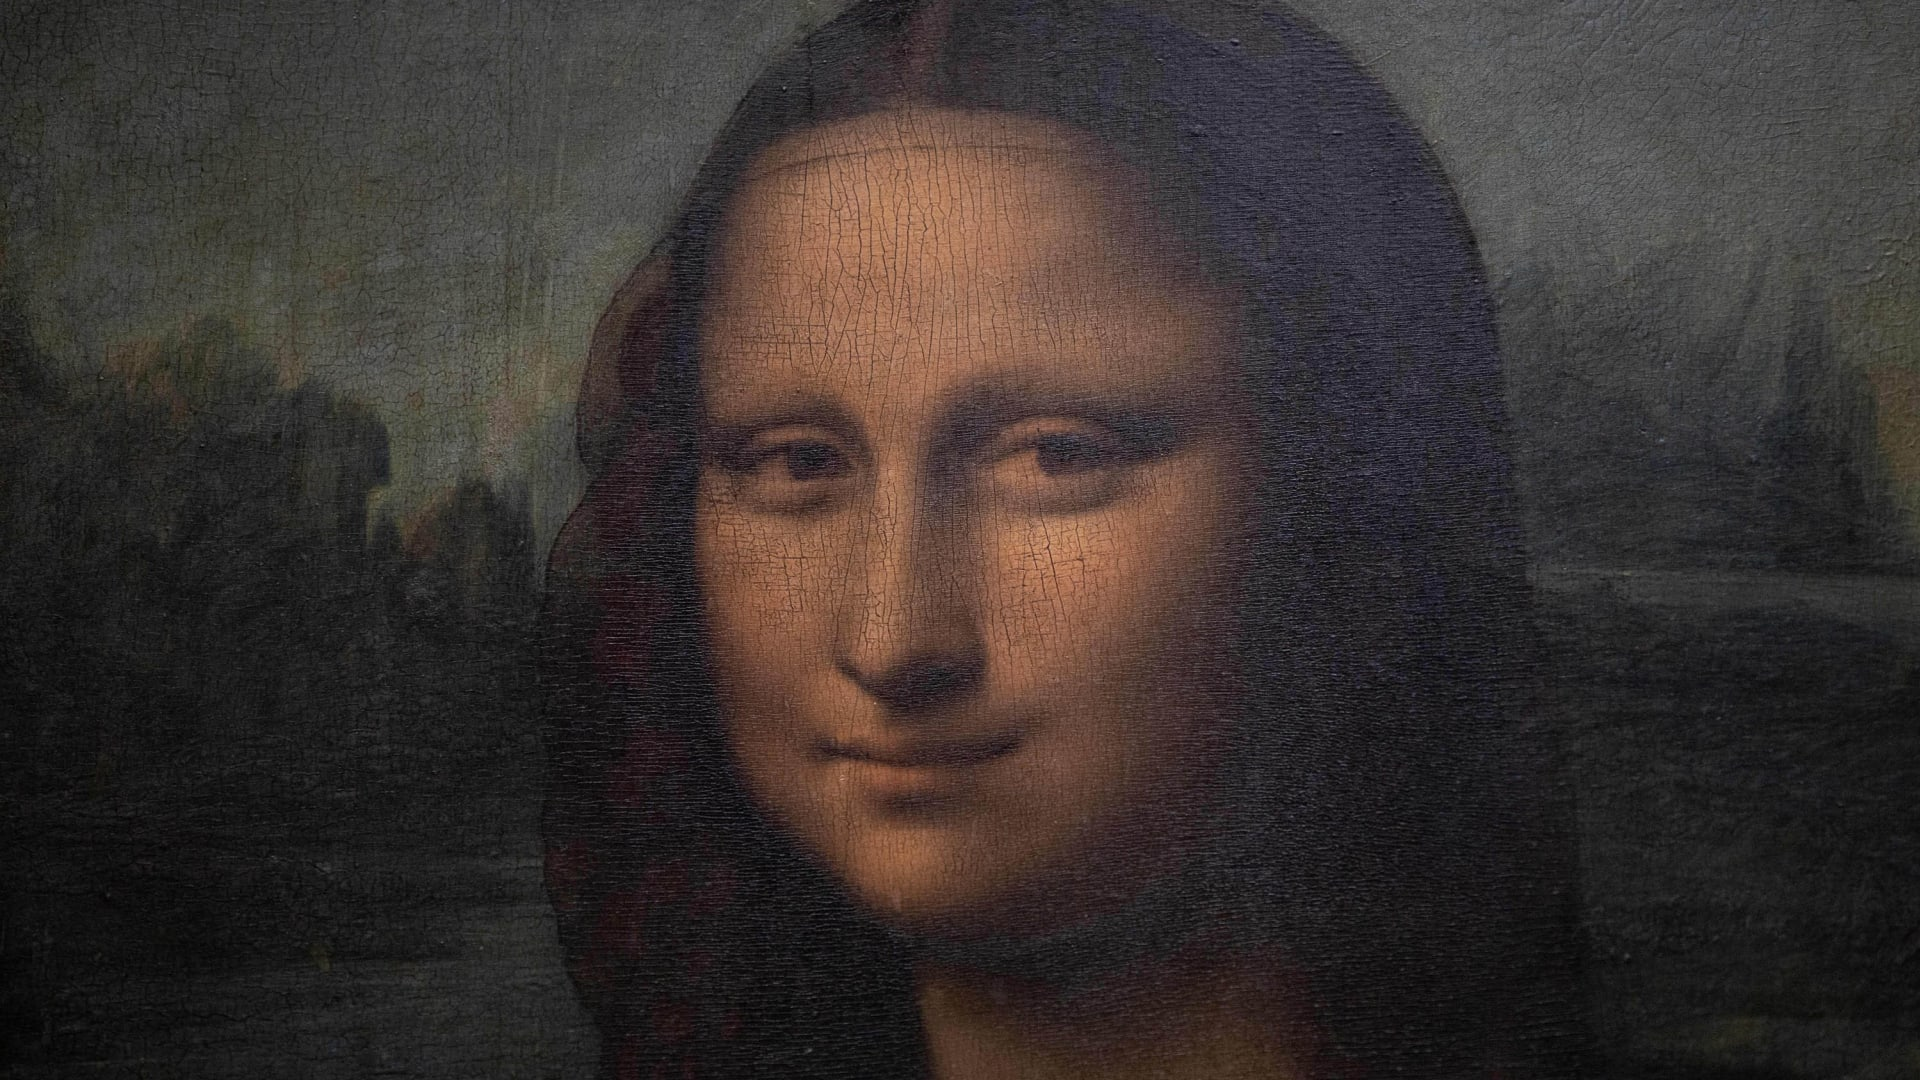 استعادة لوحة لبانكسي في إيطاليا سرقت من مسرح باتاكلان في باريس